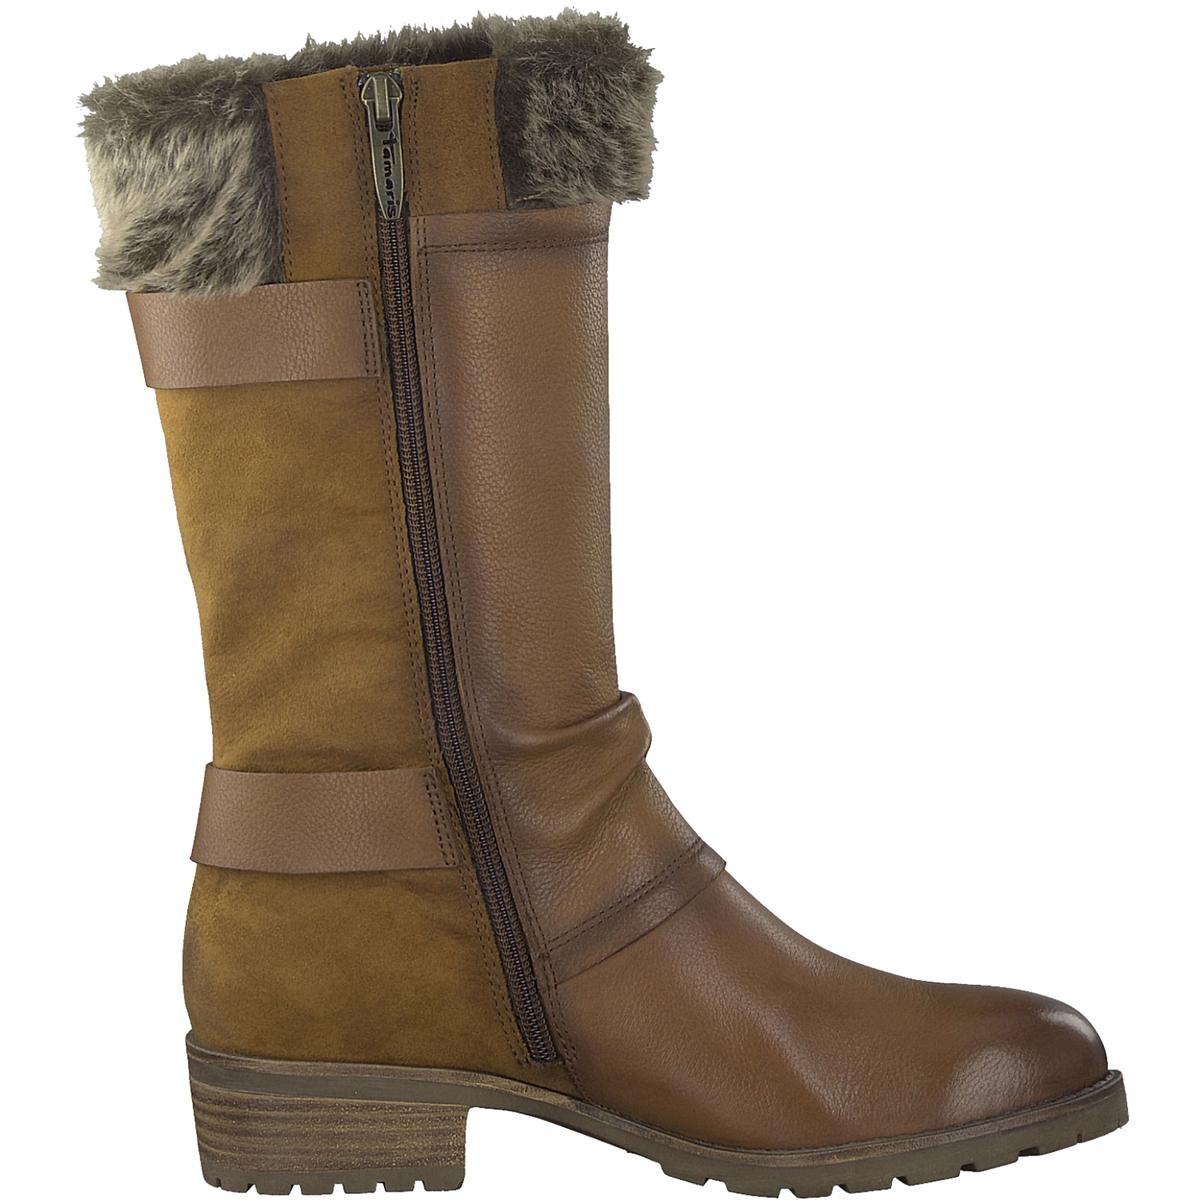 Сапоги кожаные ParaiДетали •  Классическая модель •  Широкий каблук •  Круглый мысок •  Застежка : на молнию •  Высота голенища : 28 см для размера 37 •  Высота каблука : 3 смСостав и уход •  Верх 50% кожи, 50% текстиля •  Подкладка 50% синтетического материала, 50% текстиля<br><br>Цвет: коньячный<br>Размер: 40.41.39